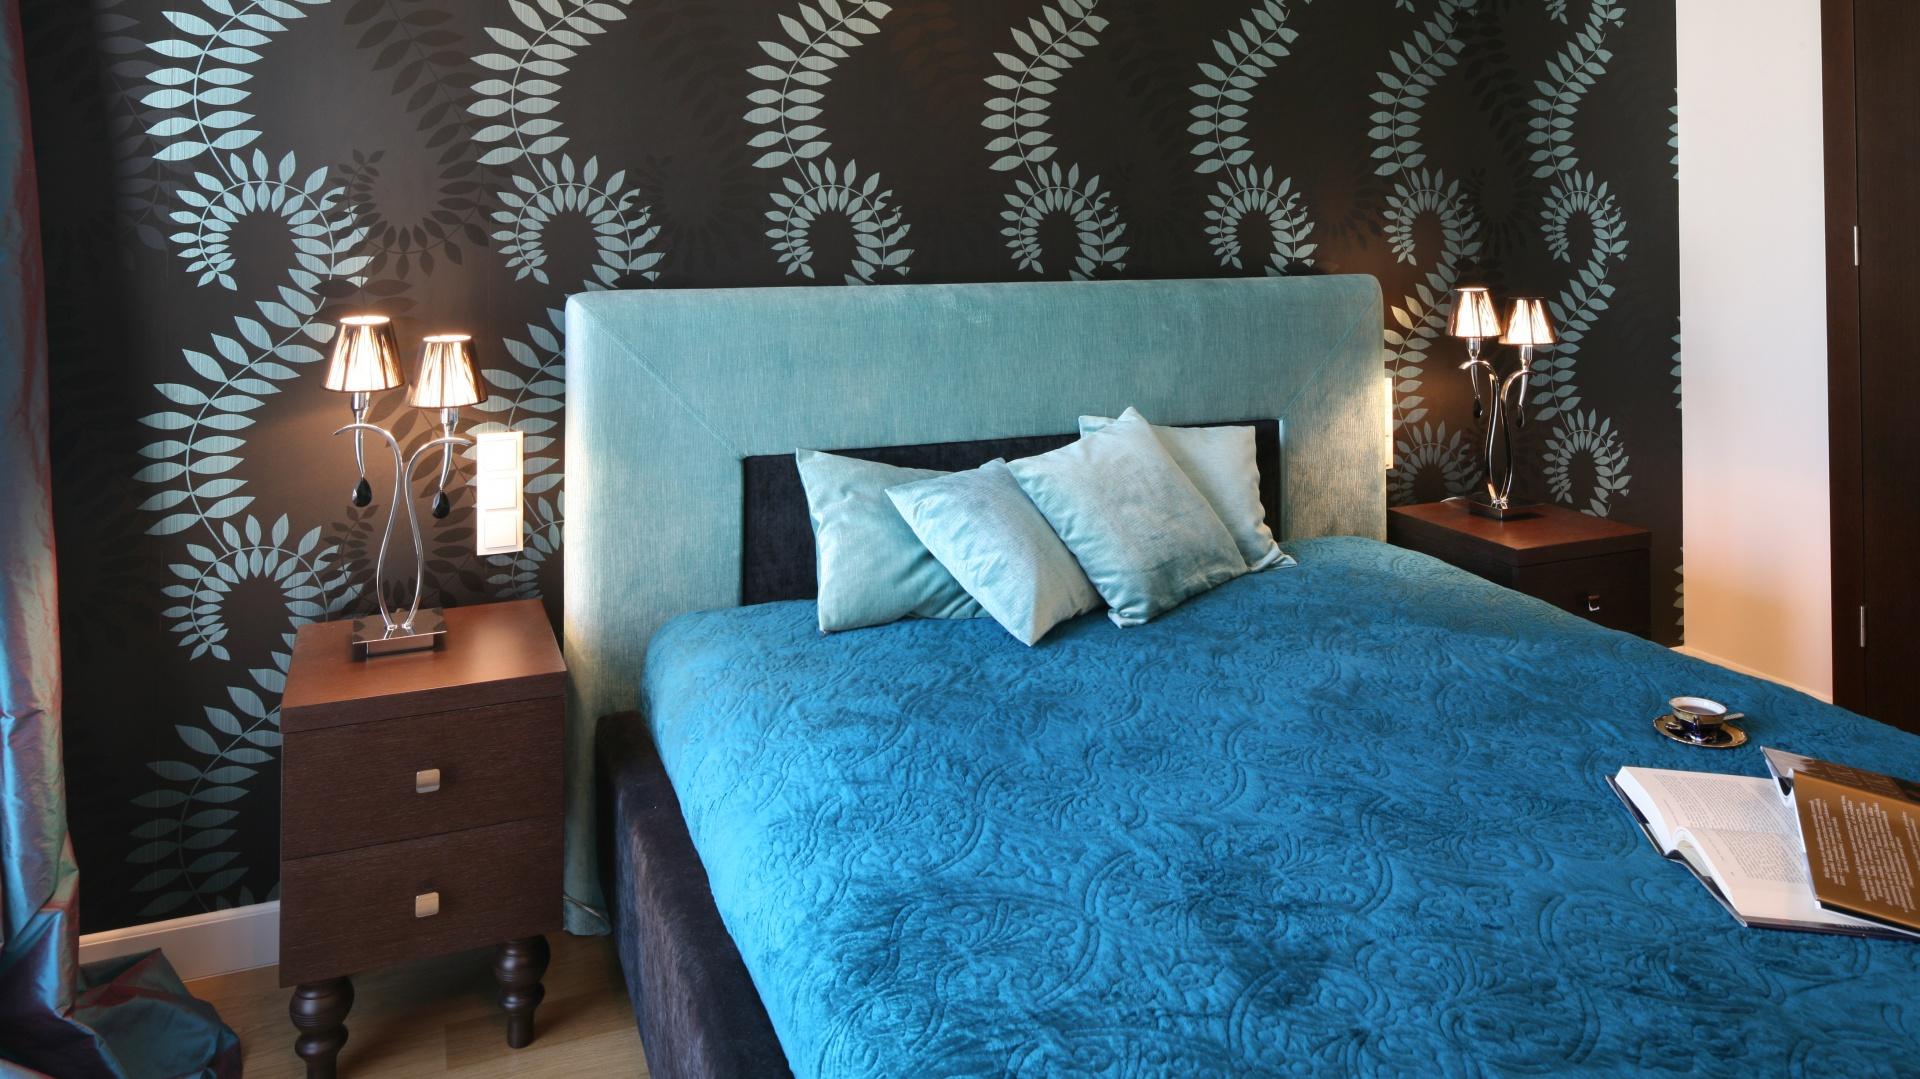 Sypialnia Idealna Tak Urzadzisz Ja Z Architektem